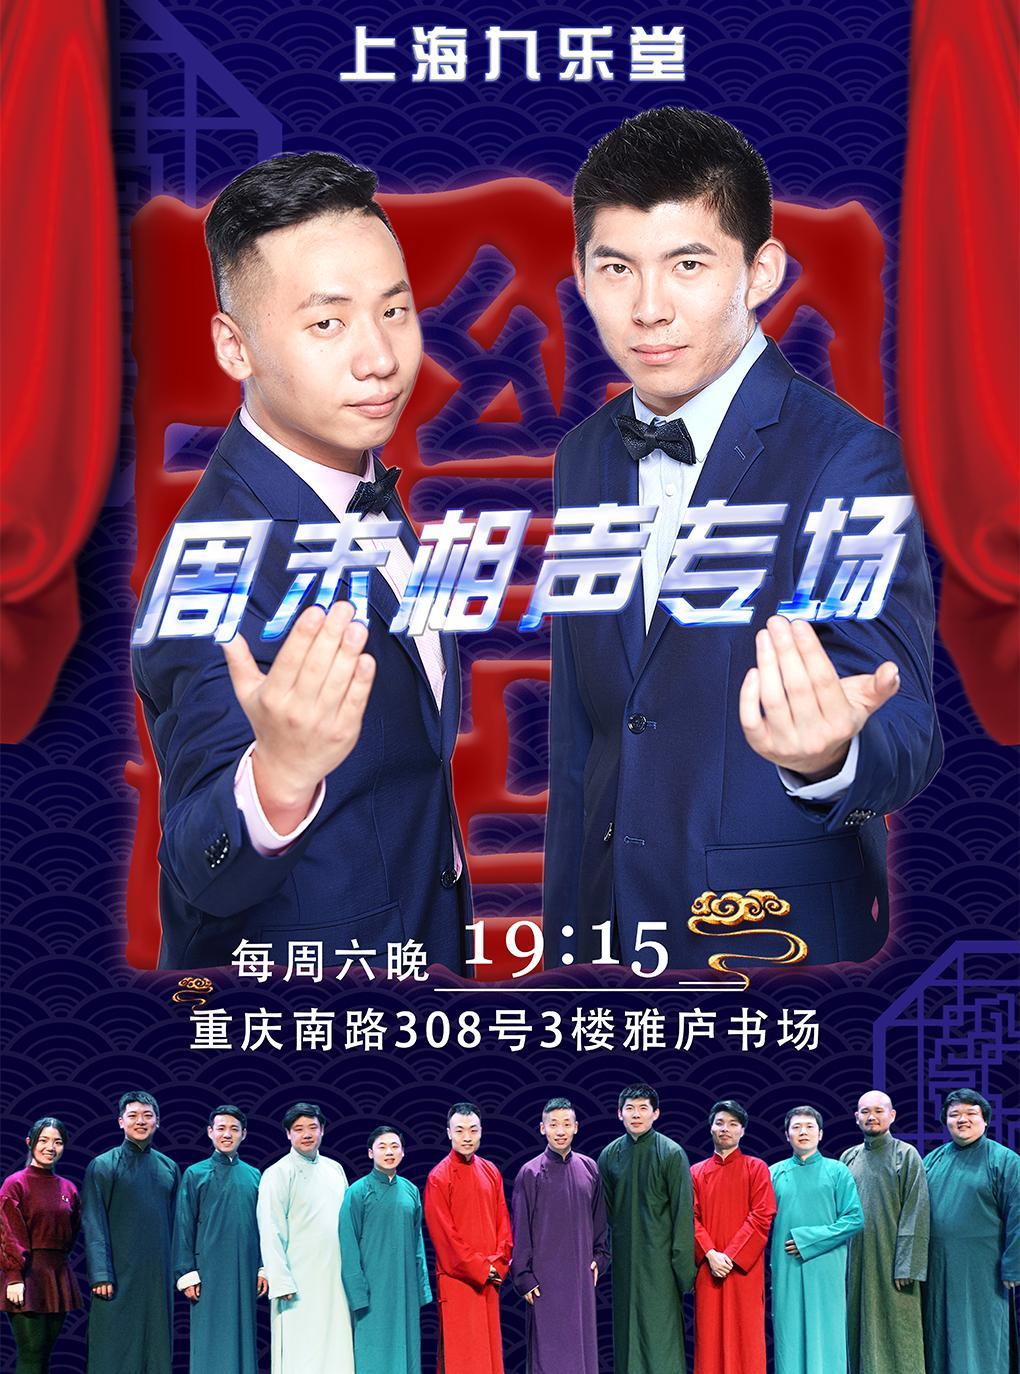 【上海】上海的相声-九乐堂周末相声专场